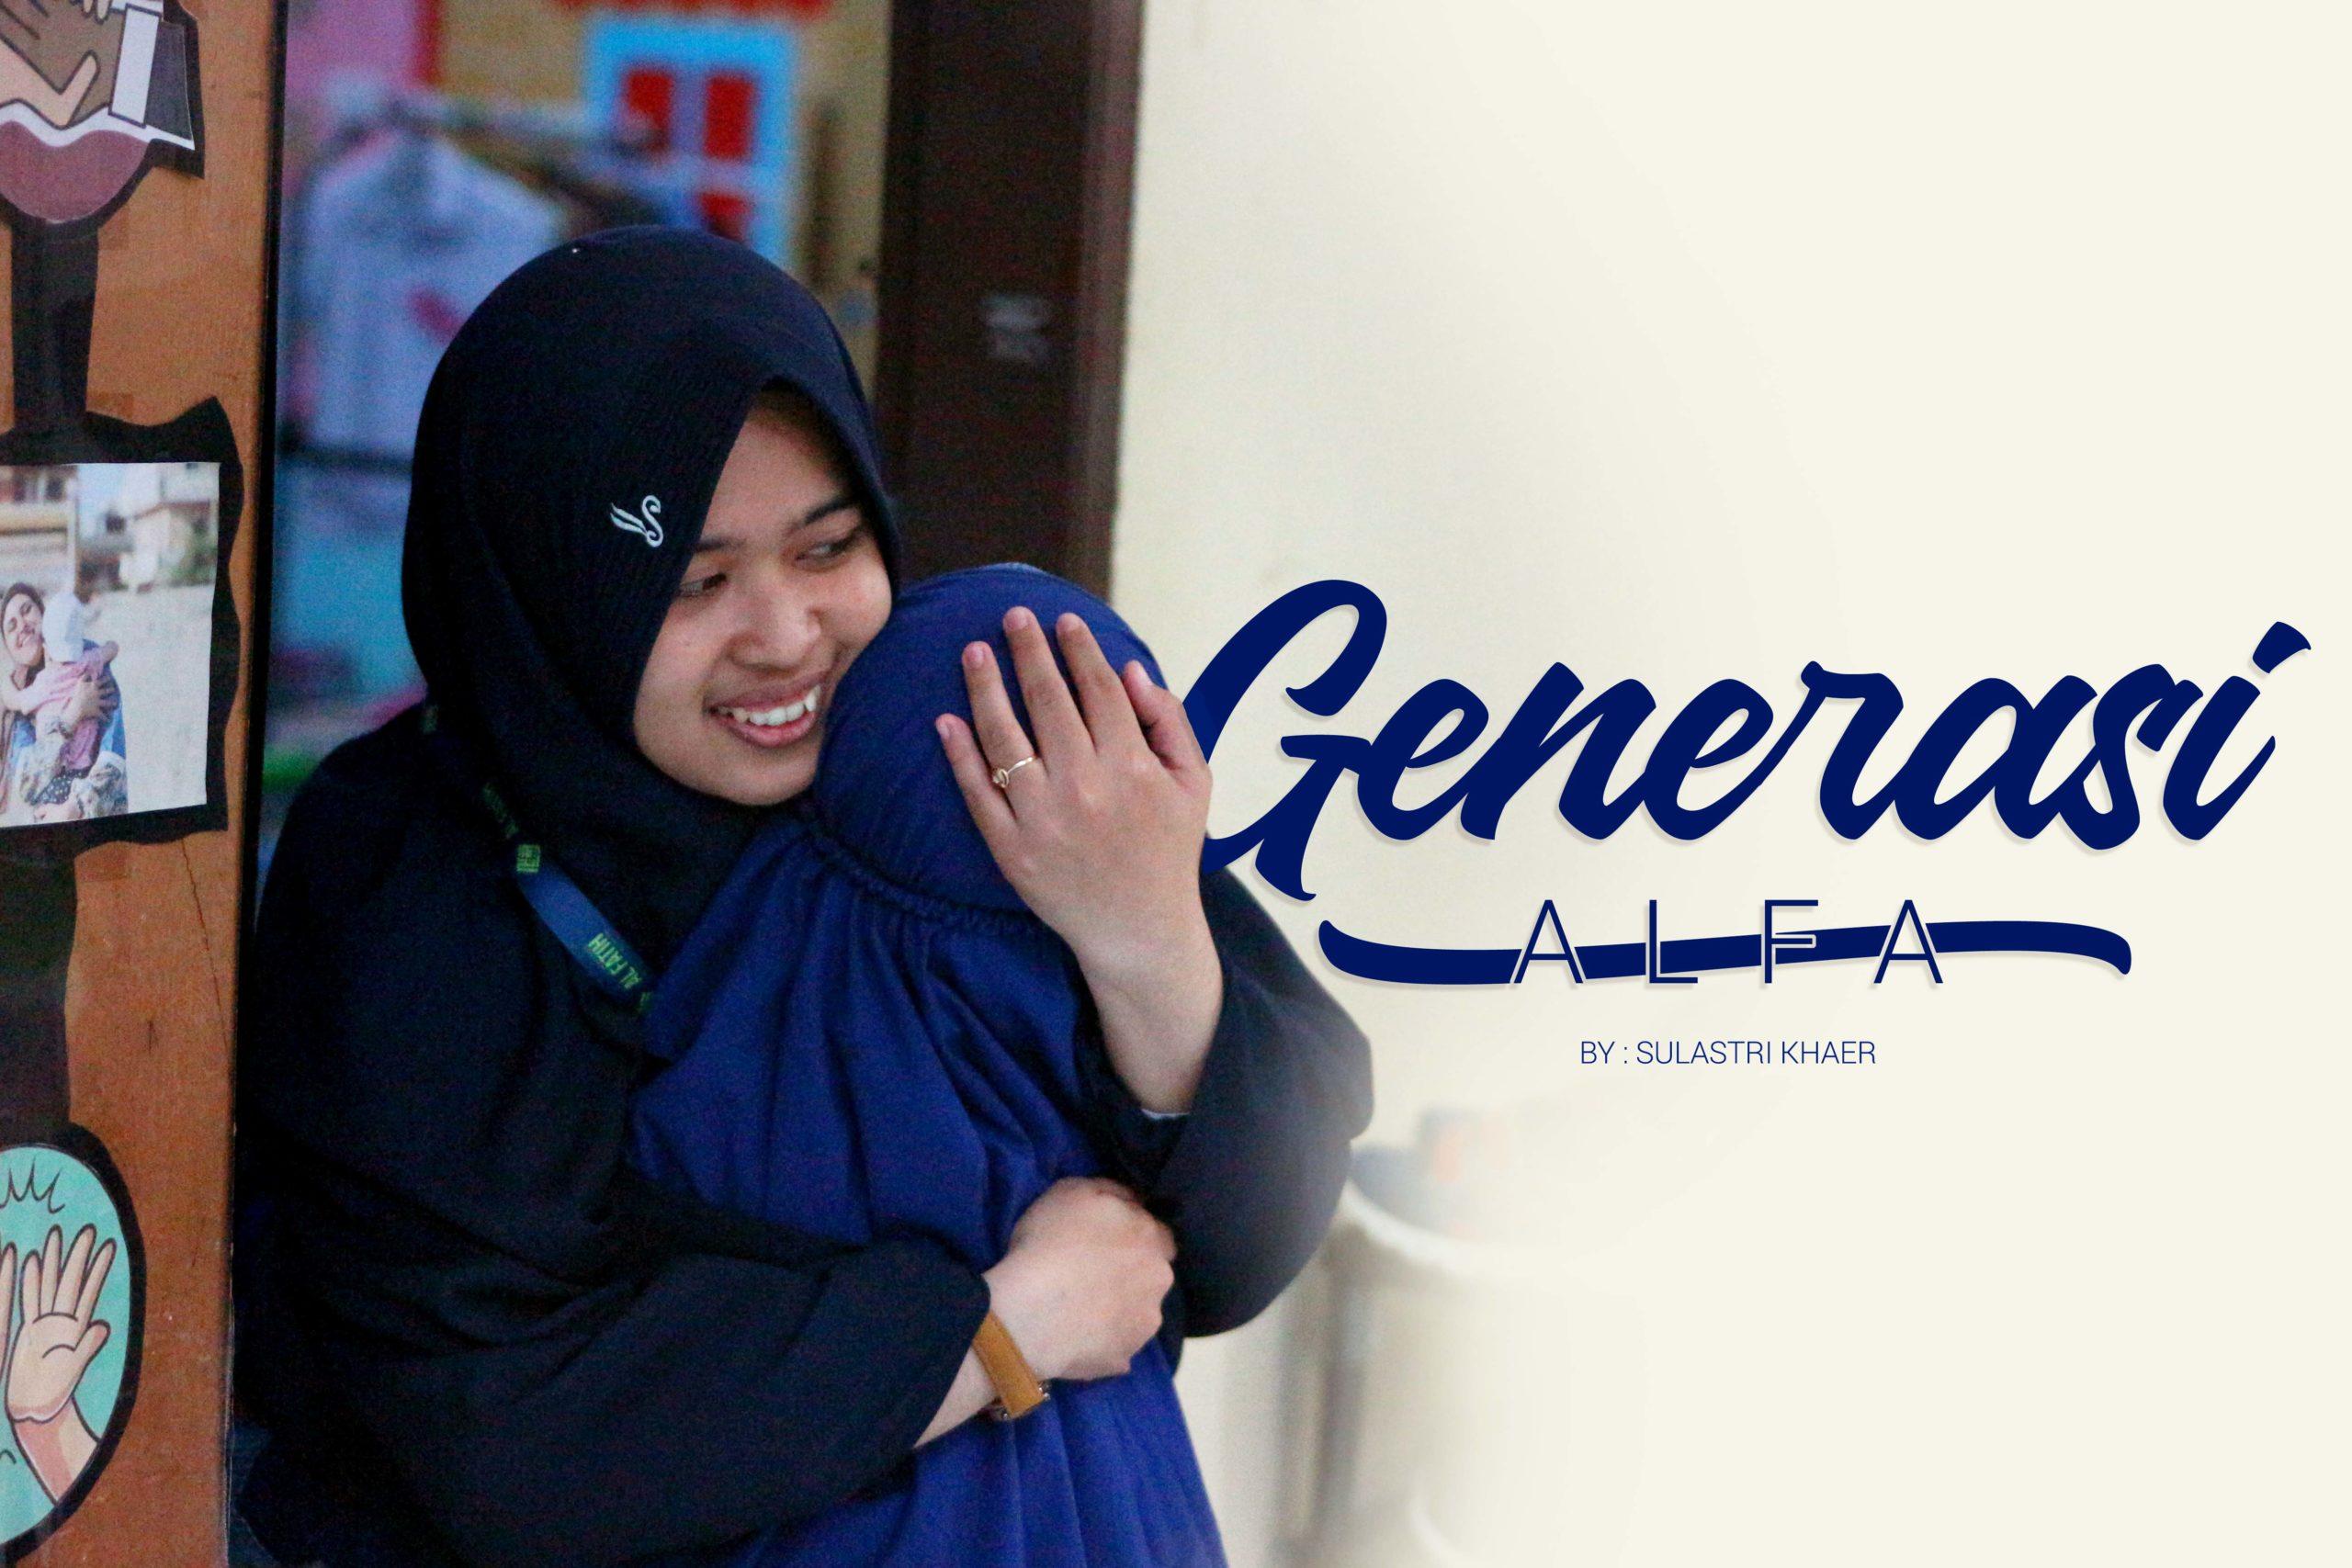 Generasi Alfa : Anak Kecil dengan Tas Punggung Besar